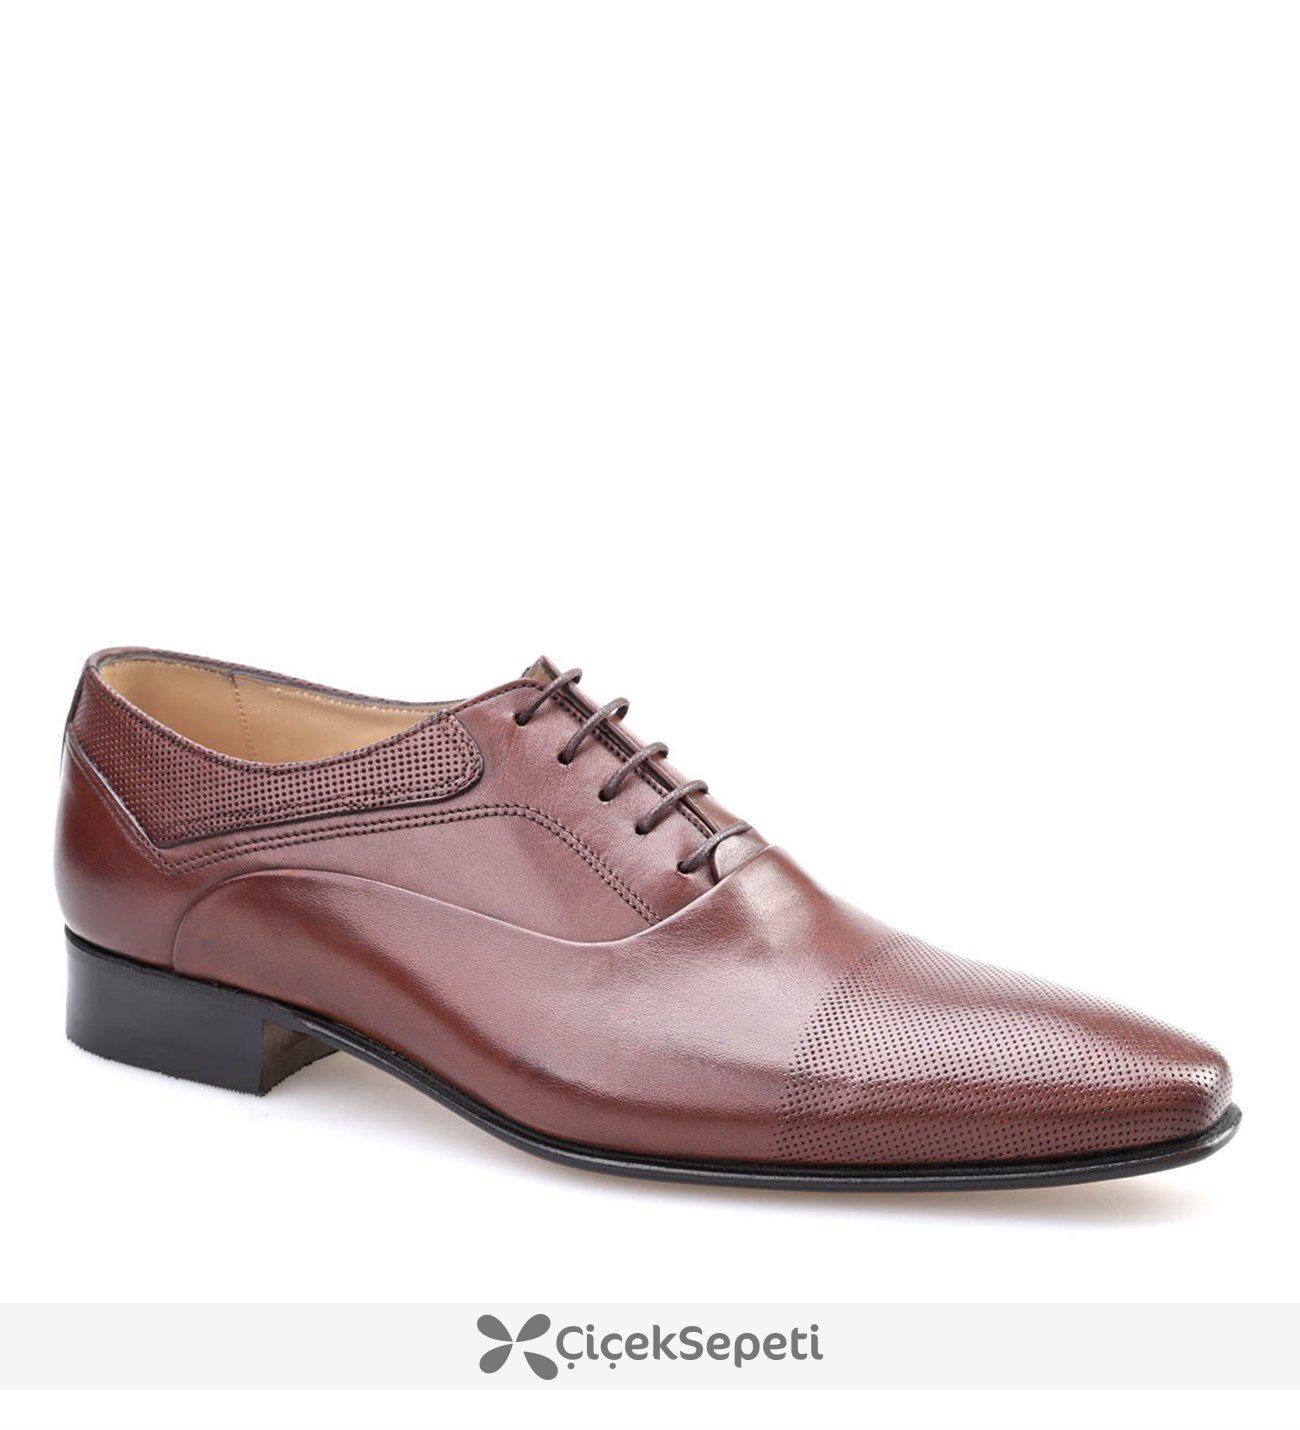 N.O. Lazerli Klasik Erkek Ayakkabı Kahve Antik Deri